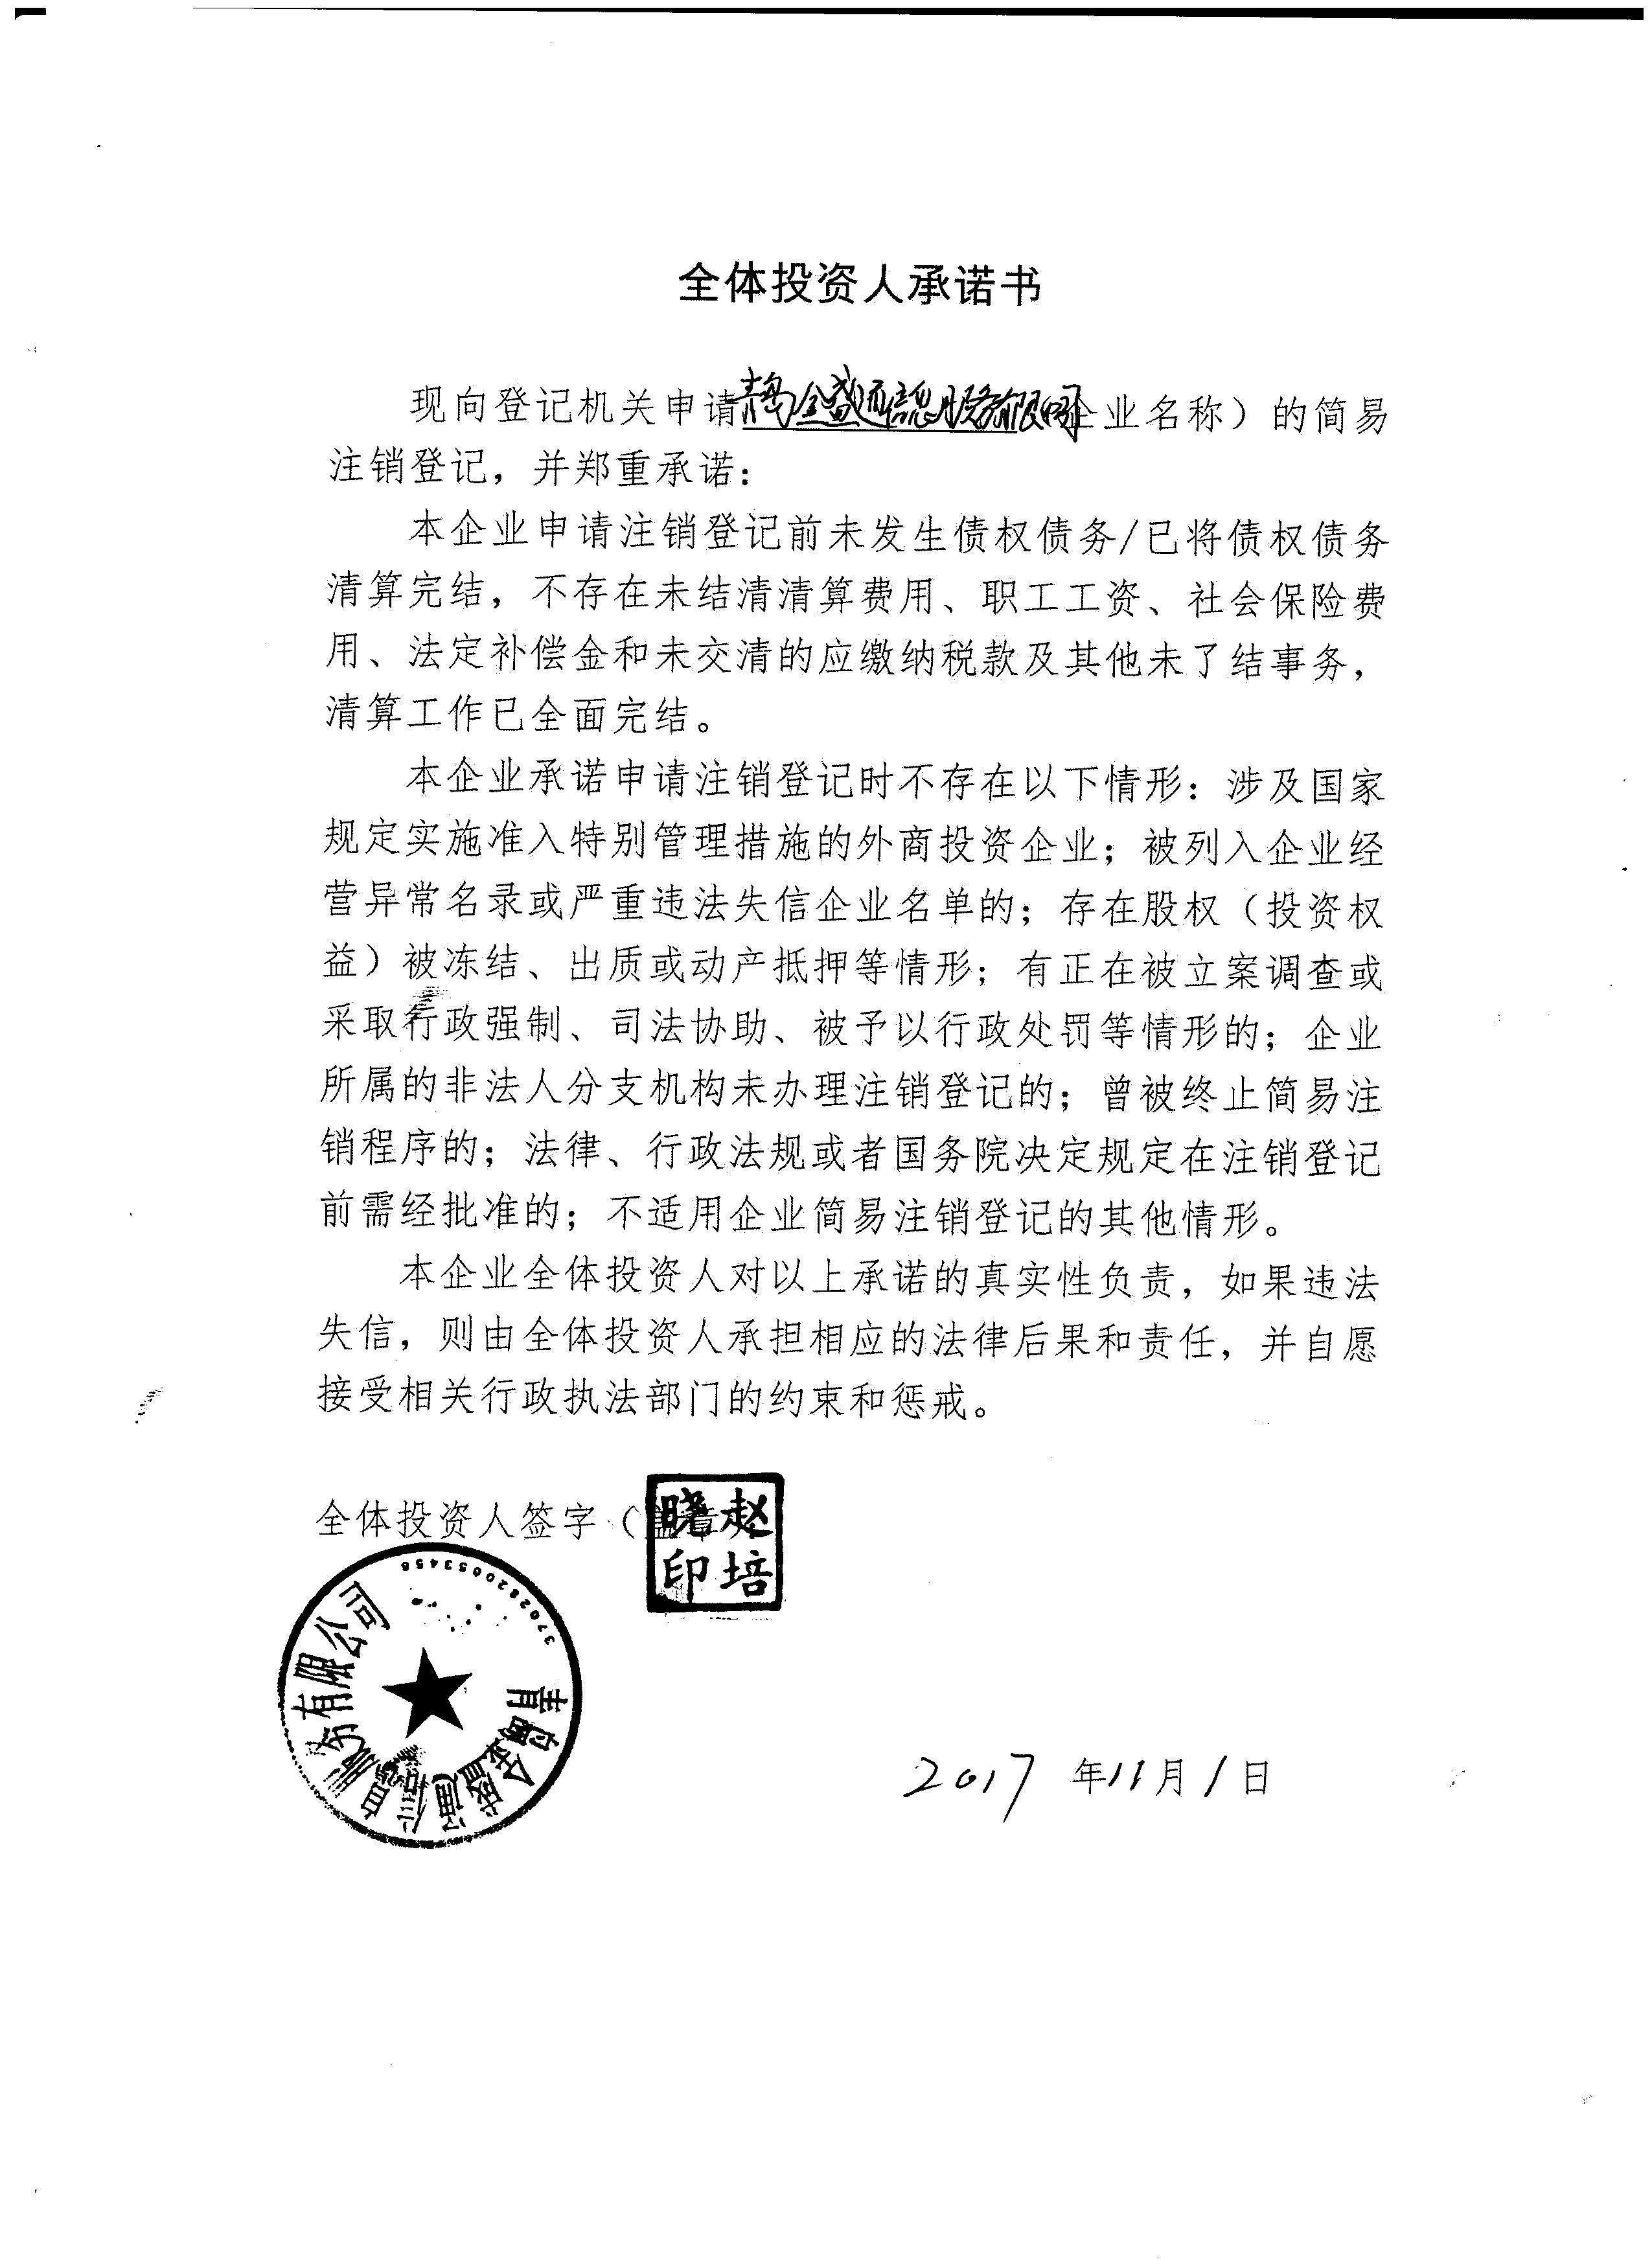 青岛金盛通信息服务有限公司【工商信息_电话地址___.